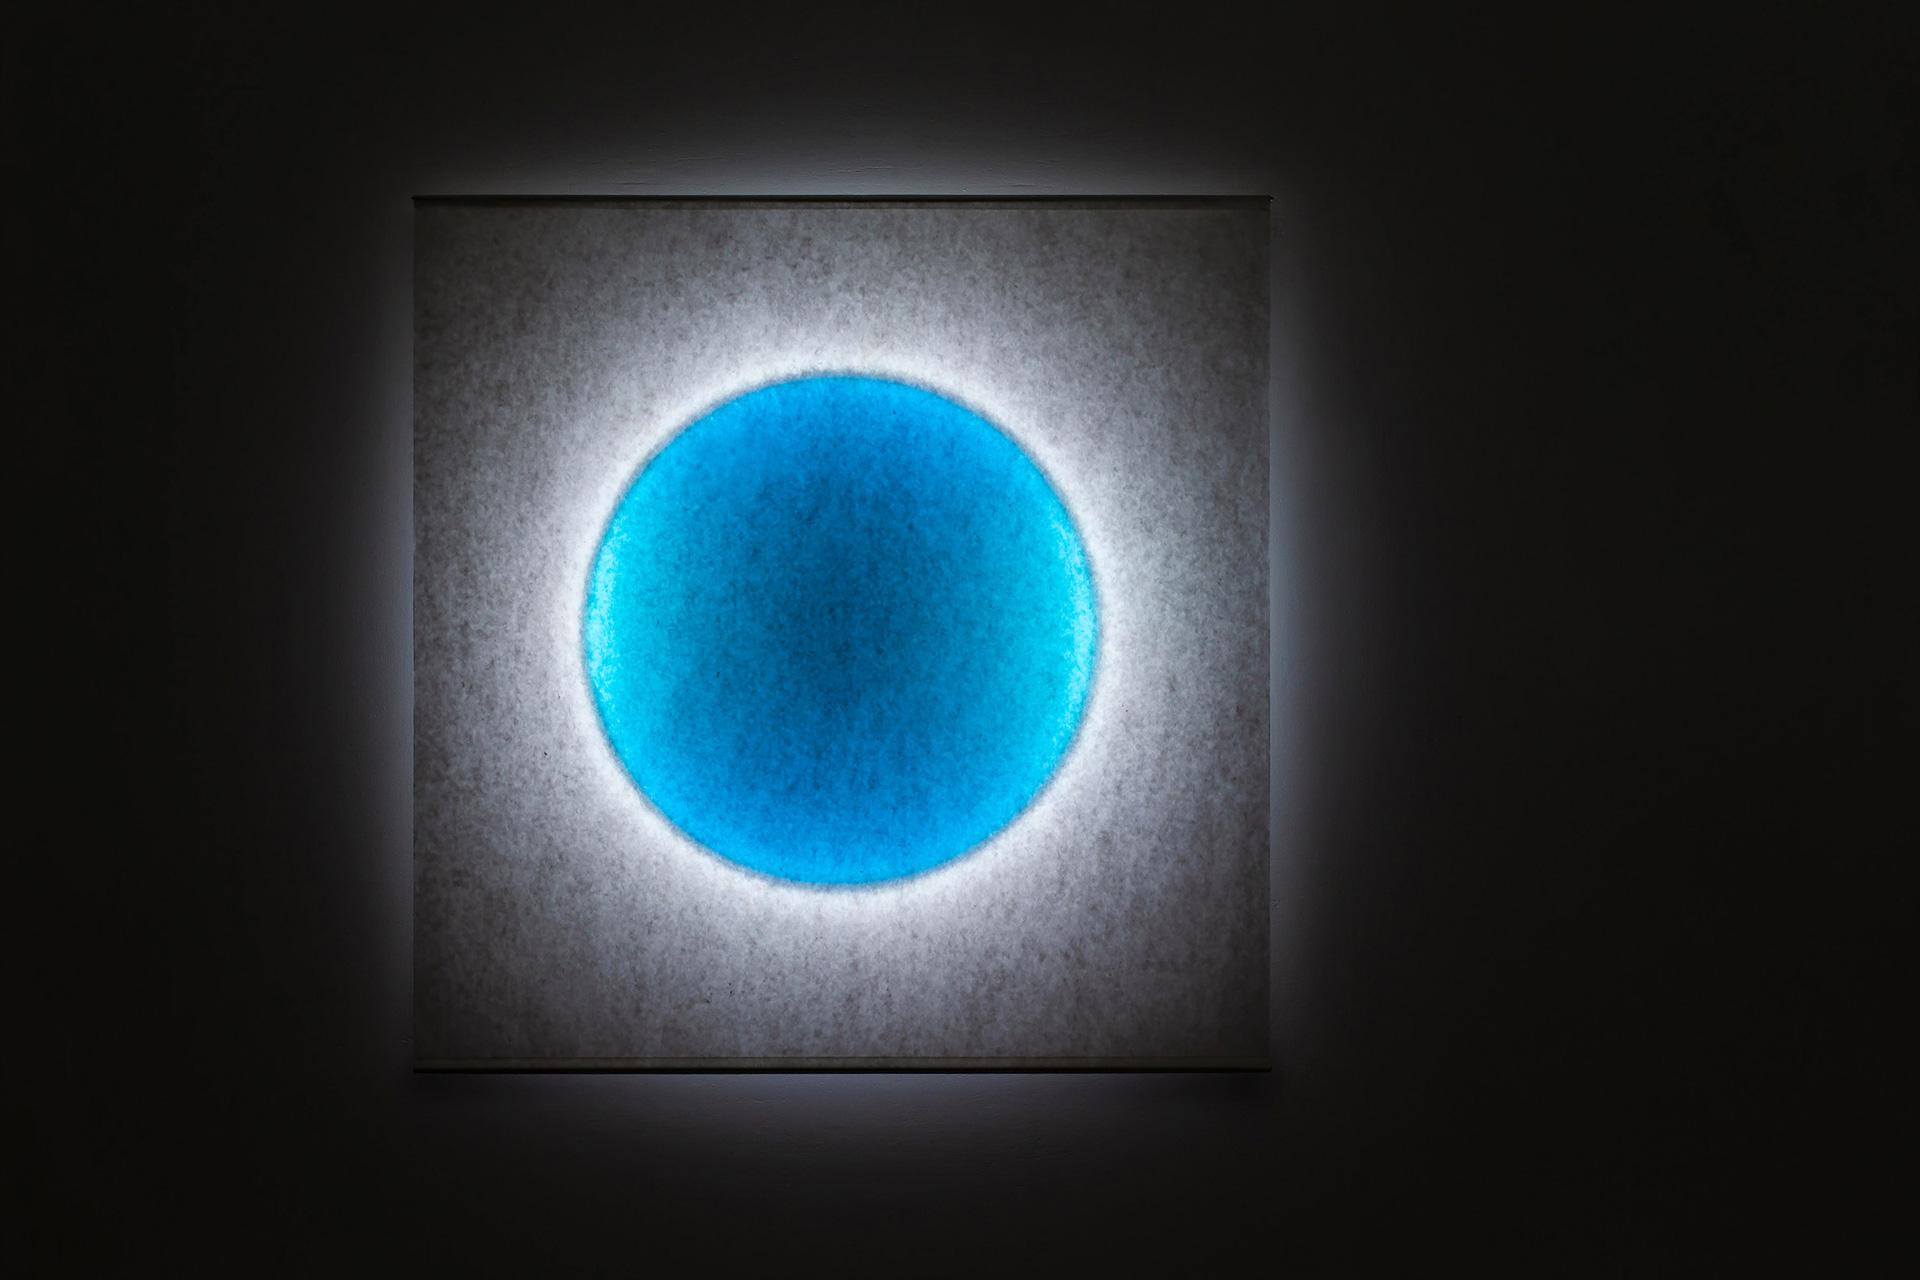 Светодизайн 2021: лунный свет Себастьяна Гептинга